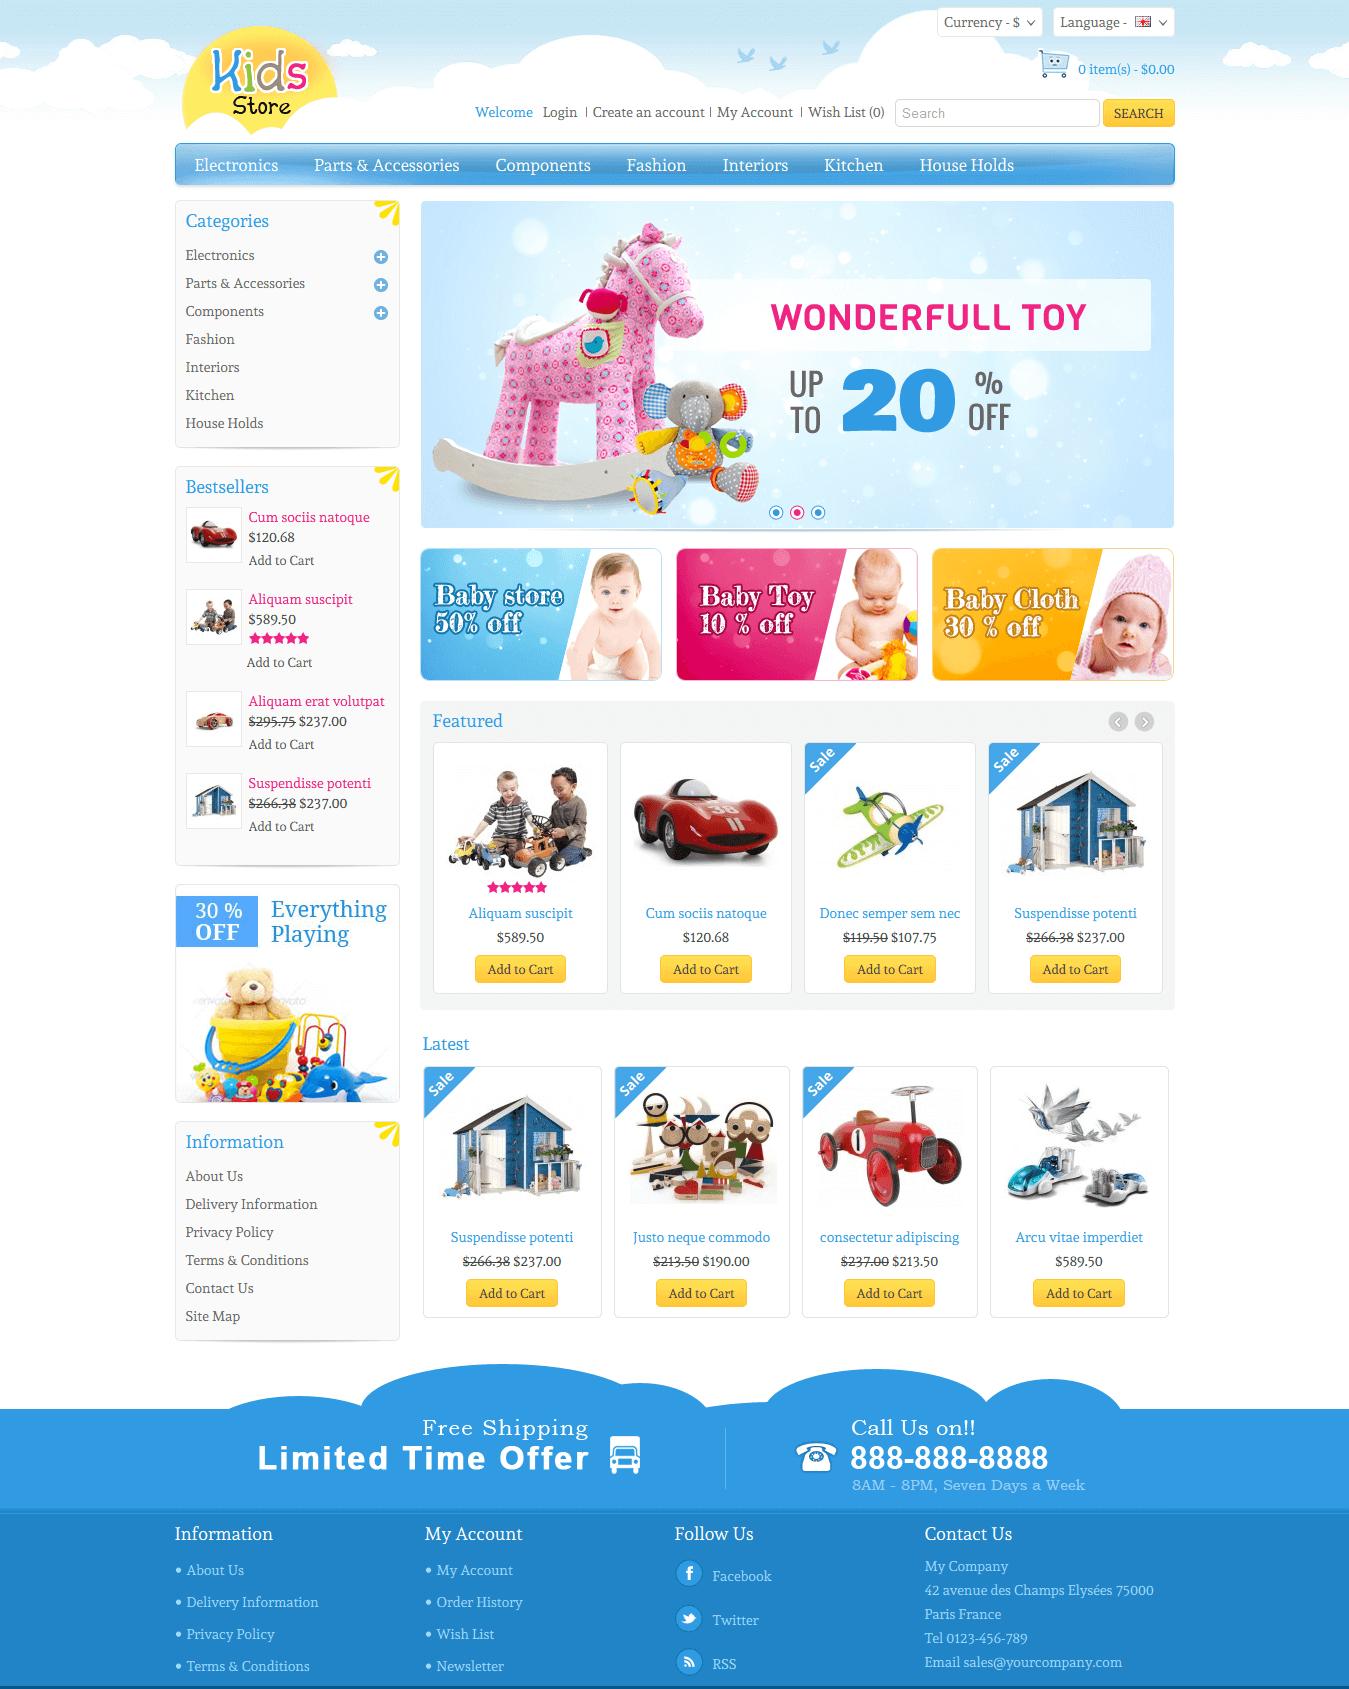 Thiết kế web giá rẻ bán đồ chơi trẻ em